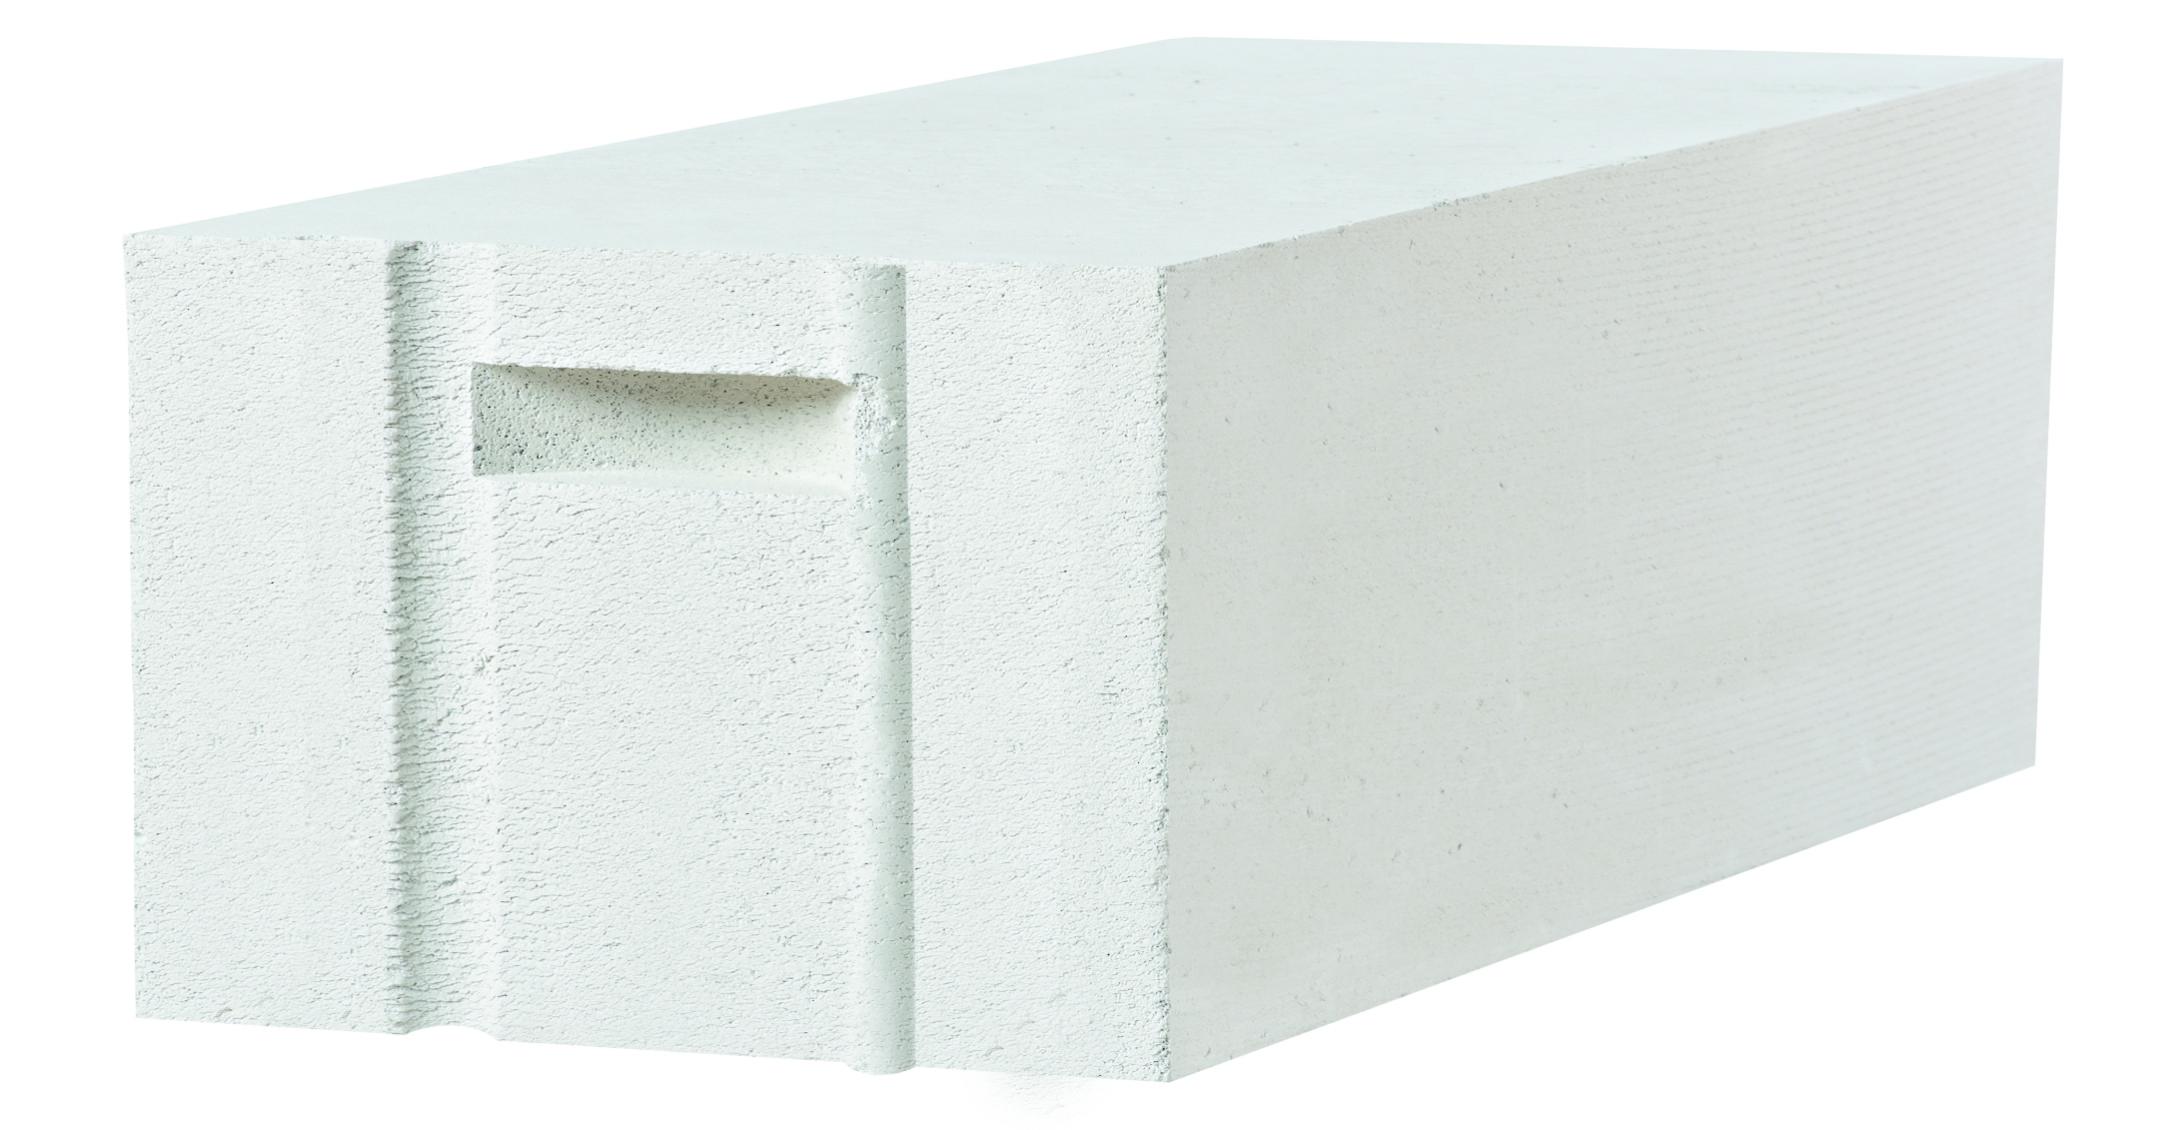 Beton komórkowy o niskiej gęstości